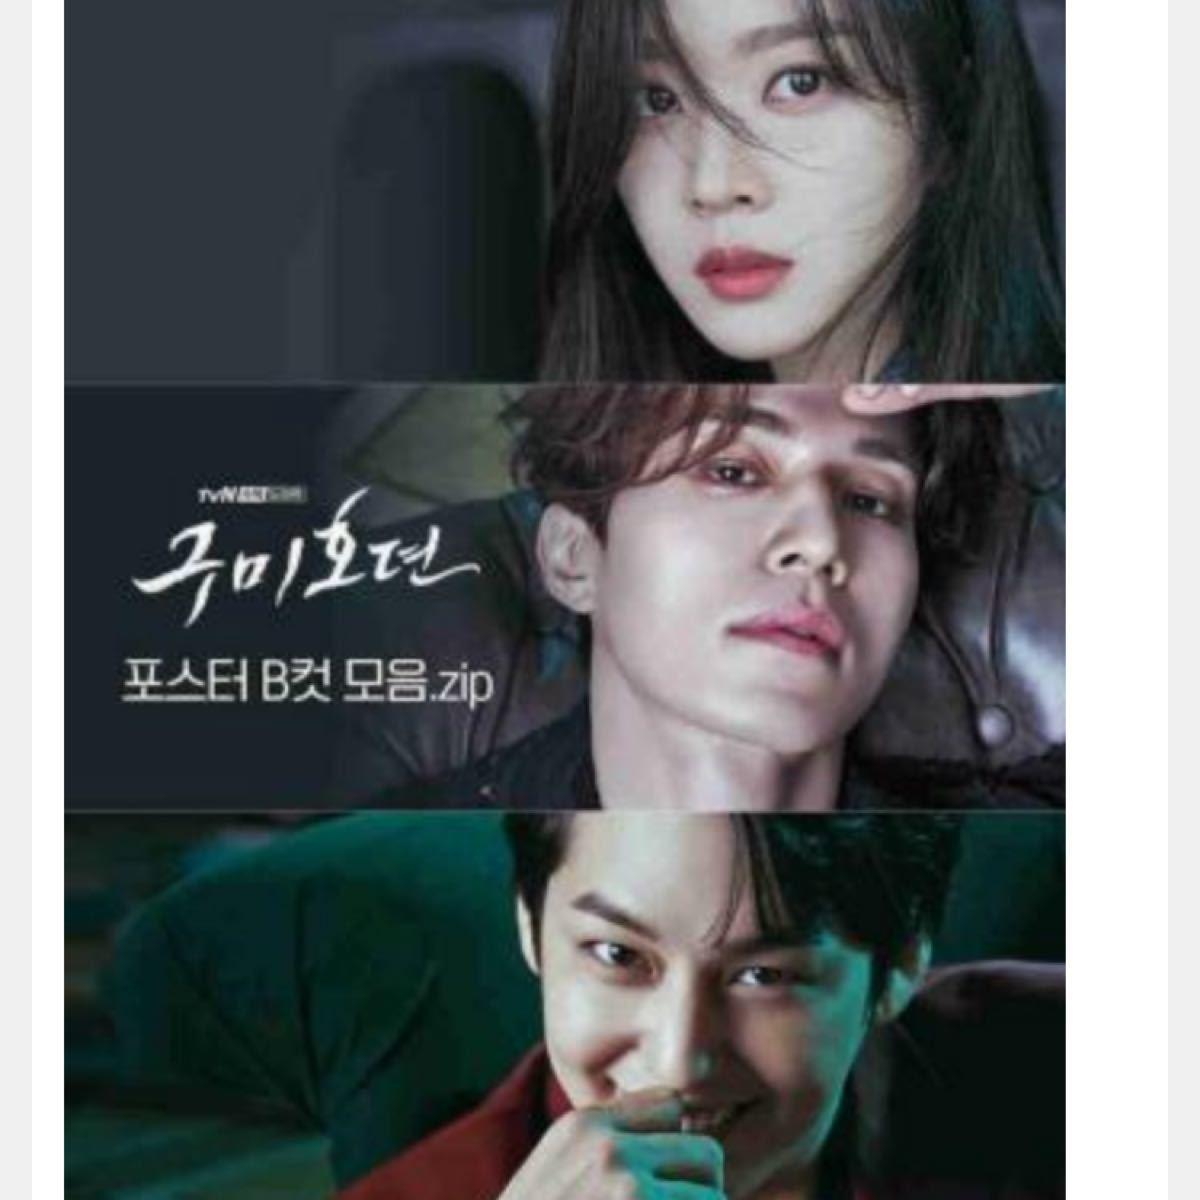 韓国ドラマ 九尾狐伝《クミホジョン》  Blu-ray